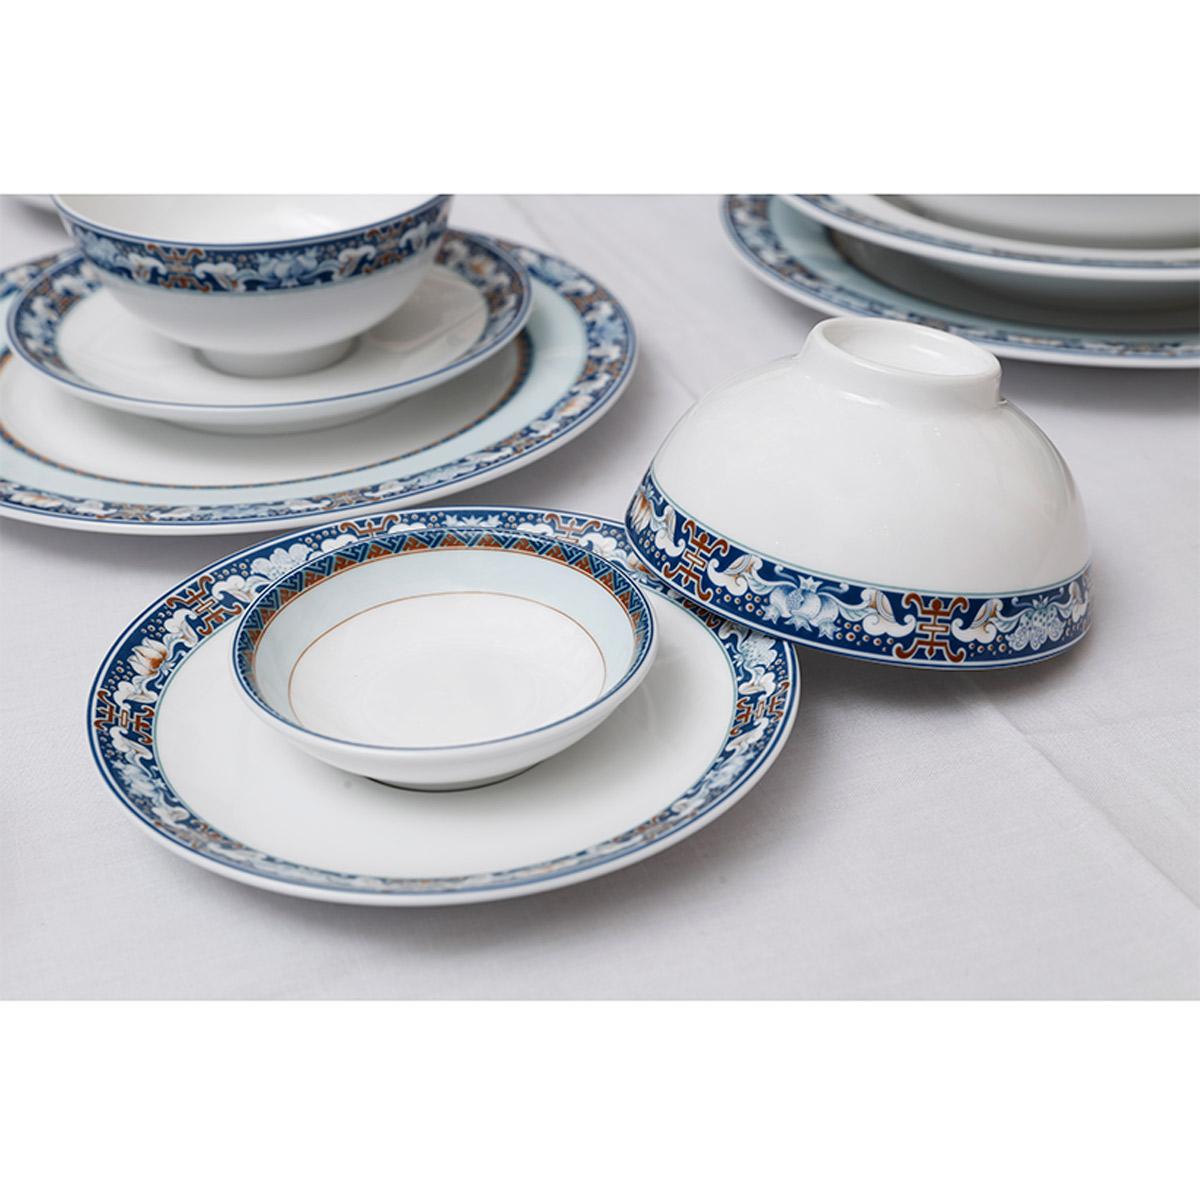 Bộ chén dĩa bàn ăn 6 người 24 sản phẩm phúc lộc thọ - MNV - 24139